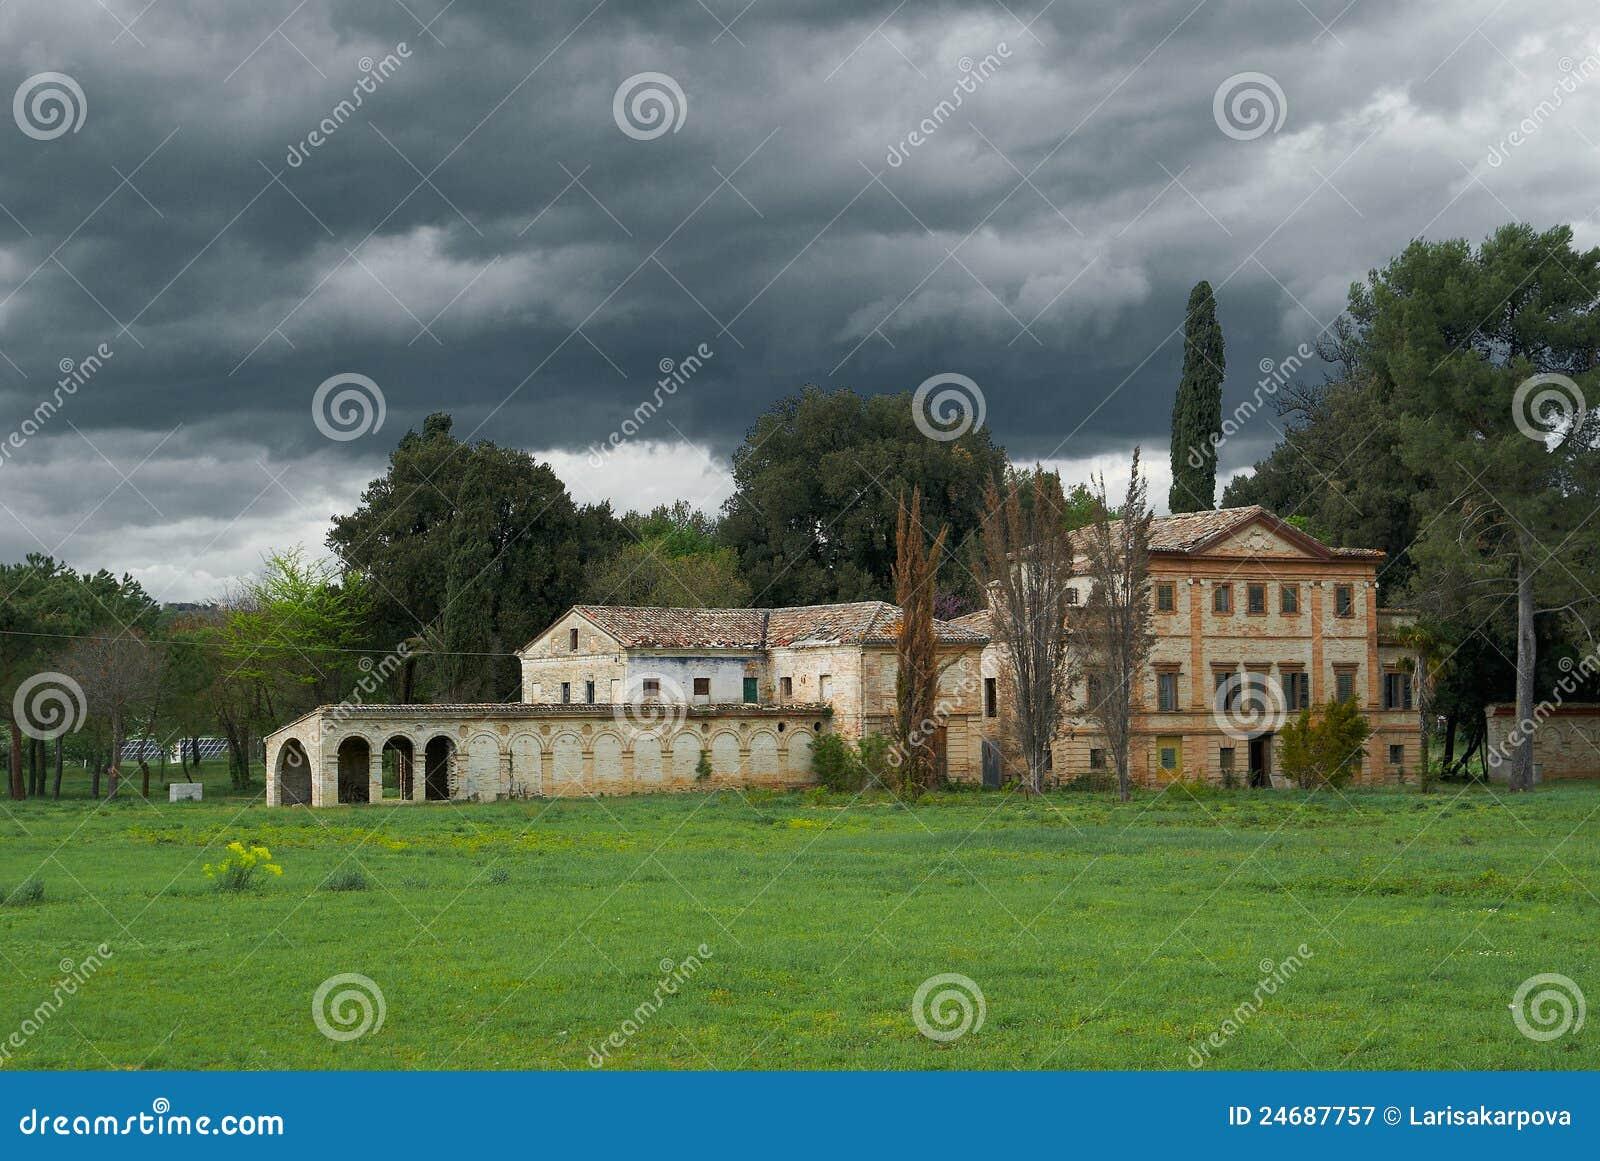 La villa antica distrugg il cielo tempestoso abbandonato for Planimetrie della casa antica